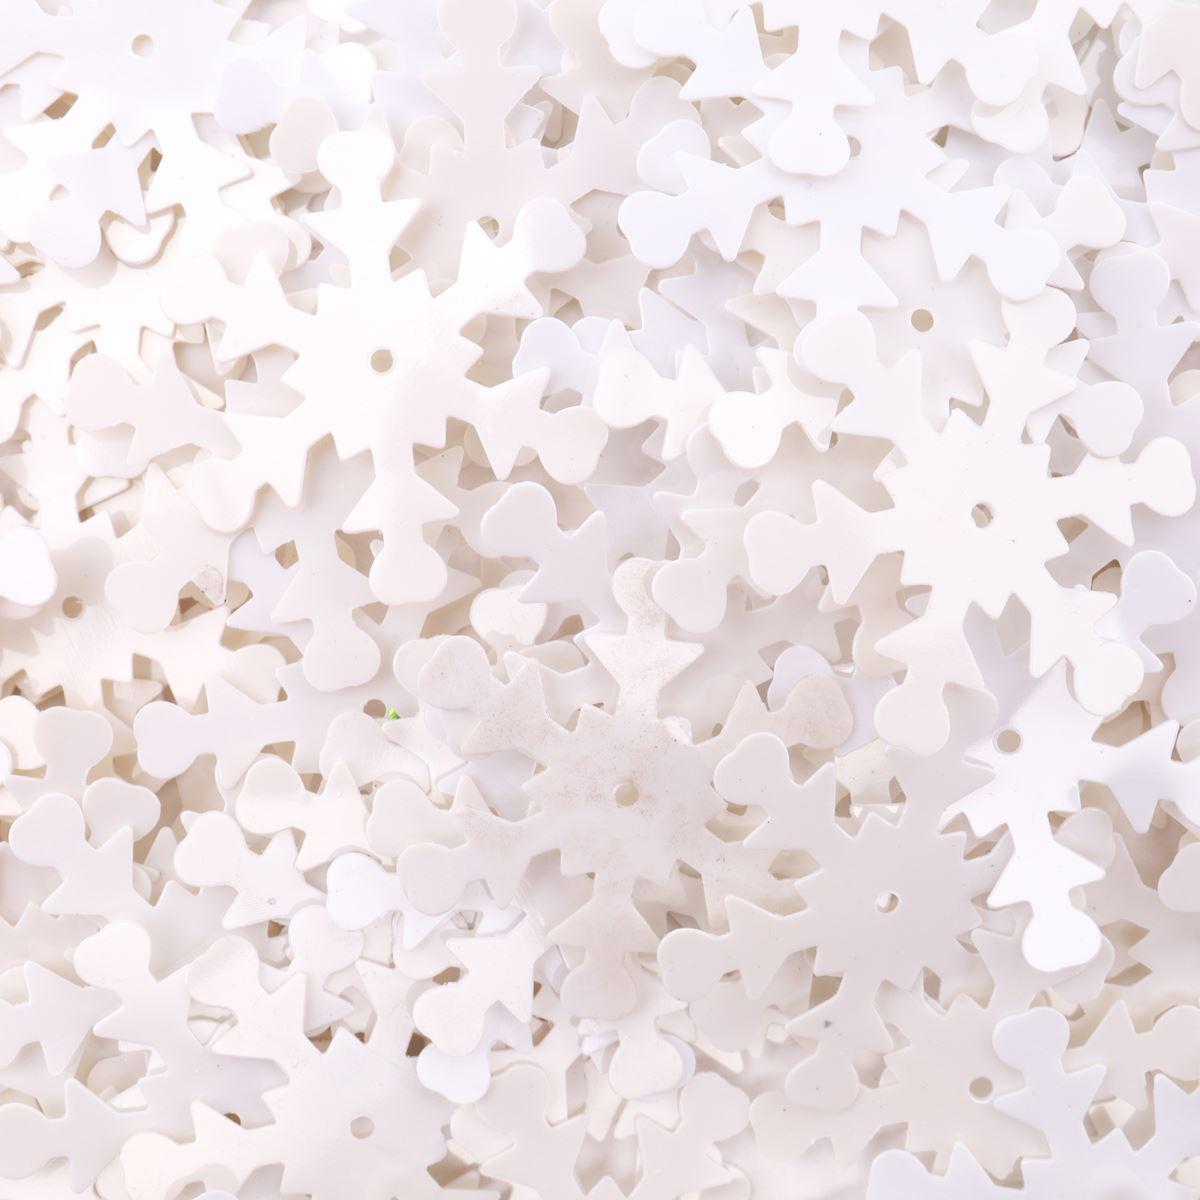 Пайетки 'снежинки', 24 мм, упак./10 гр., 'Астра'